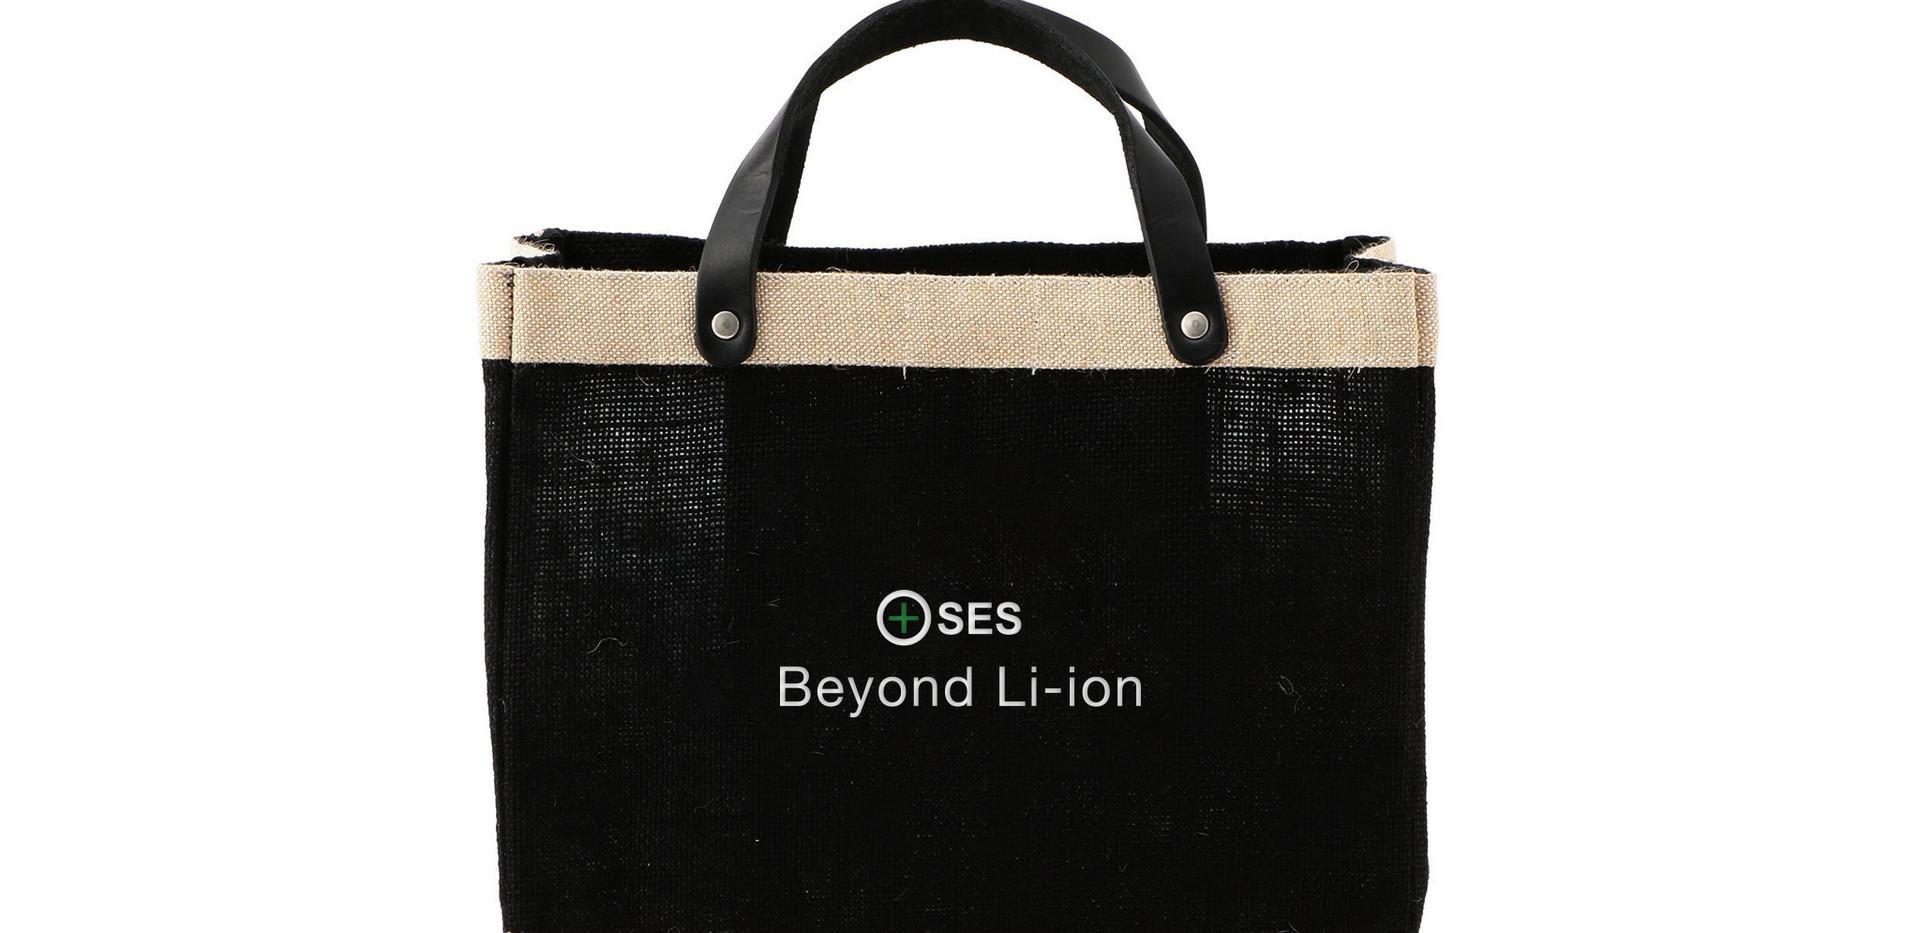 SESFinal-Black-lunch-bag-front-flat-mock